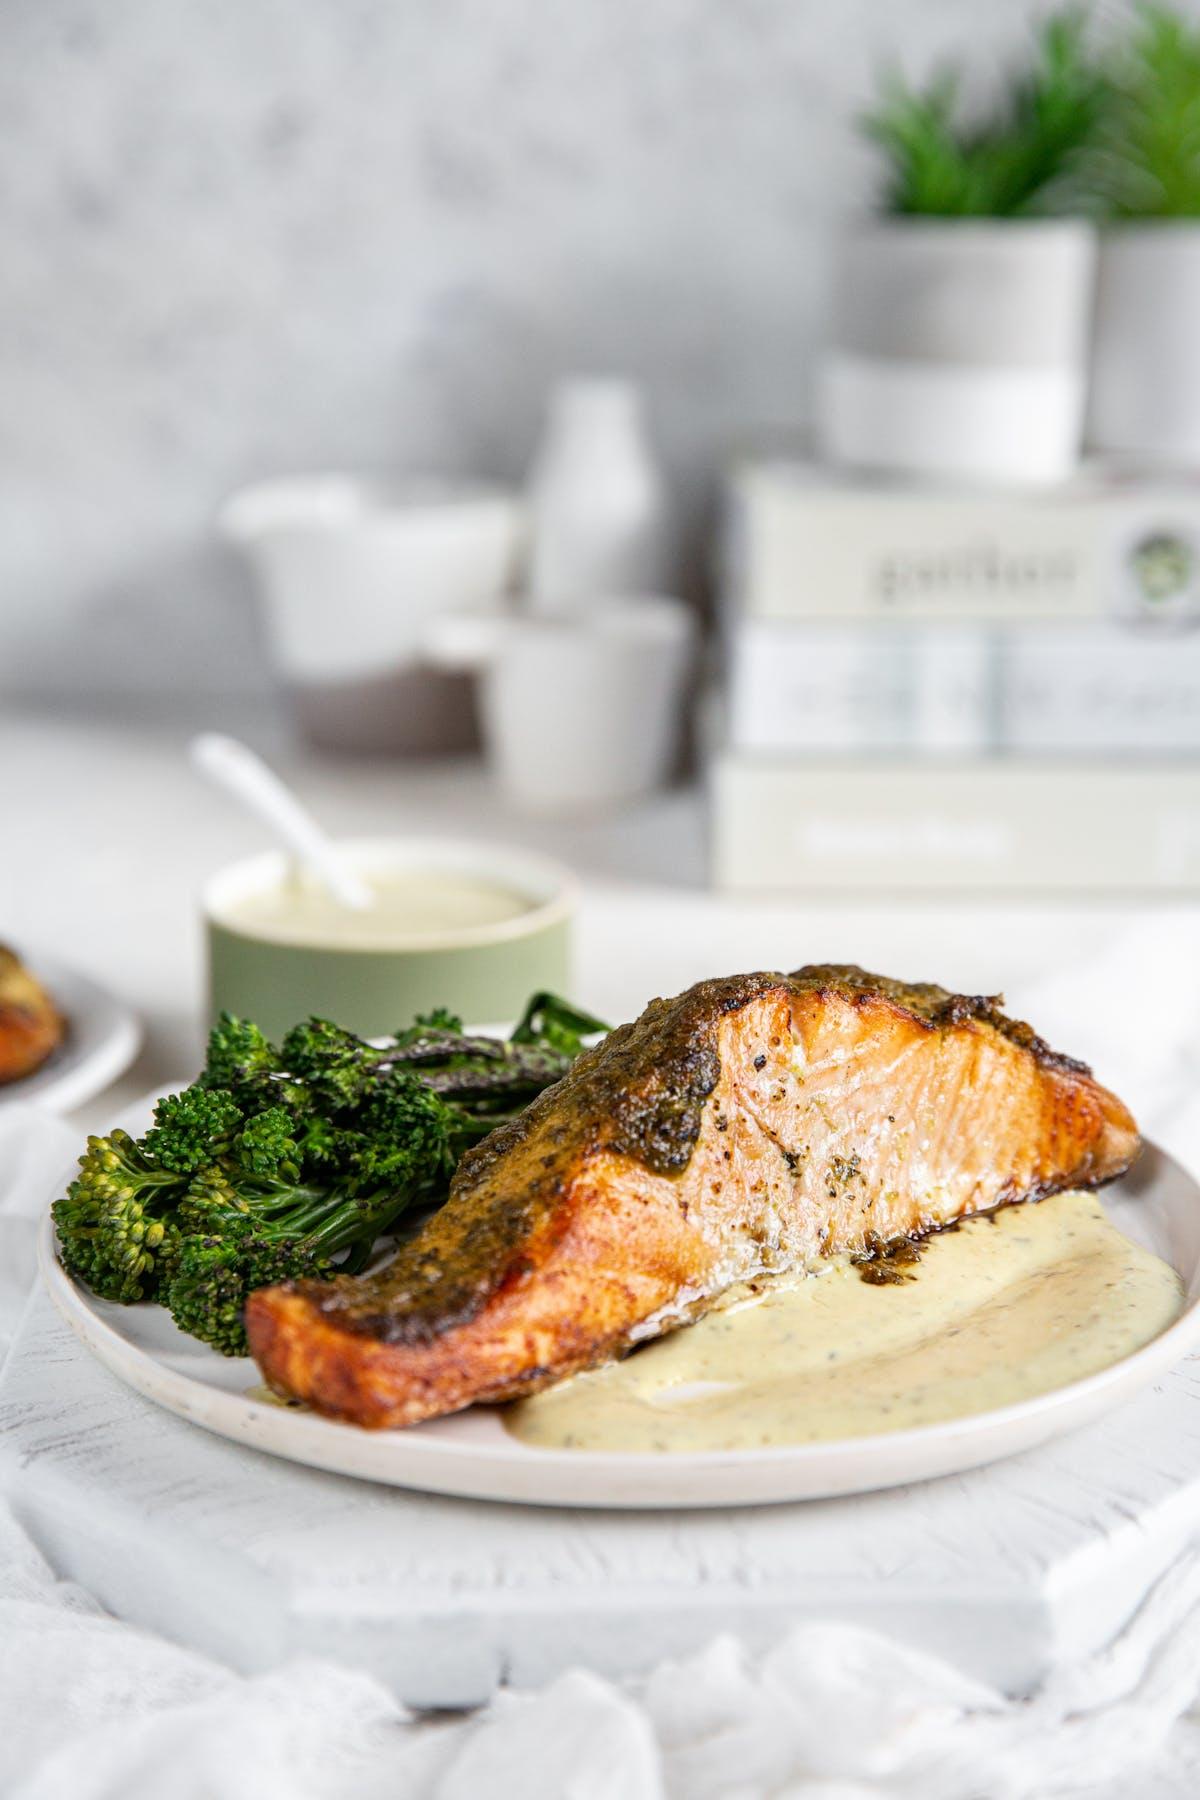 Keto baked salmon with pesto and broccoli